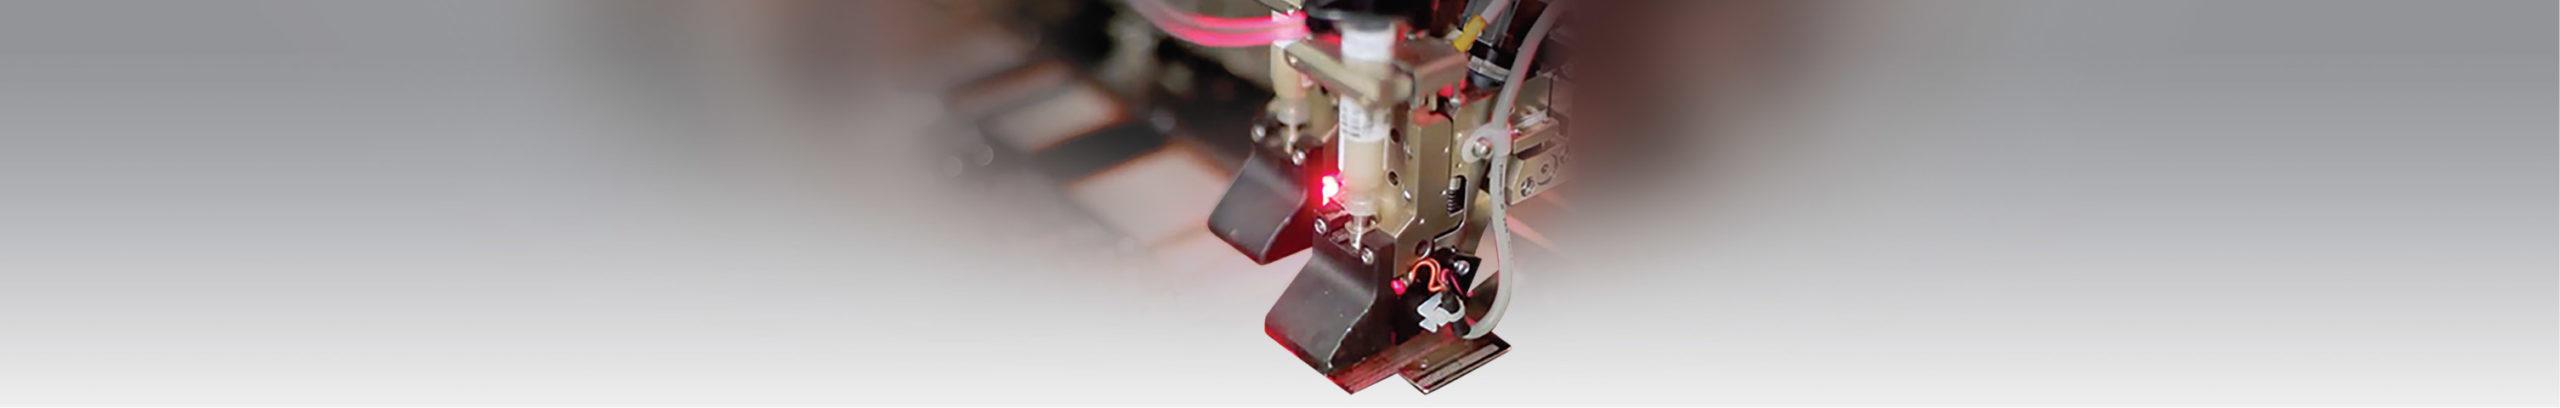 MCC整流二极管及整流桥在电源的应用